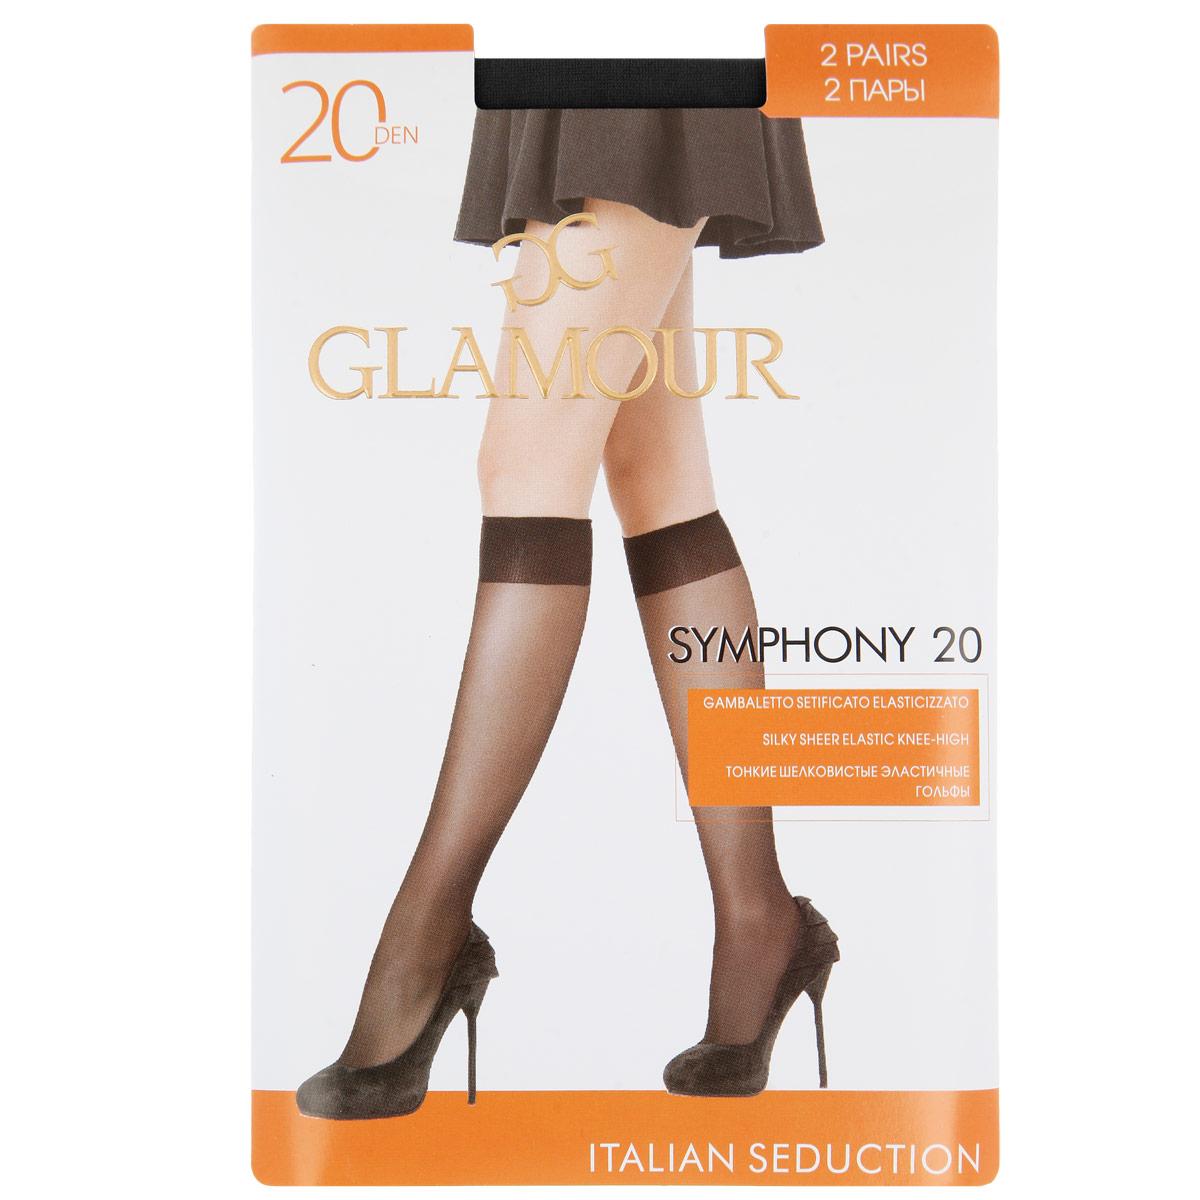 Гольфы женские Glamour Symphony 20, 2 пары, цвет: Nero (черный). Размер универсальныйSymphony 20 GB*2Тонкие шелковистые эластичные гольфы с мягкой комфортной резинкой и укрепленным мыском. В комплекте 2 пары.Плотность 20 Ден.